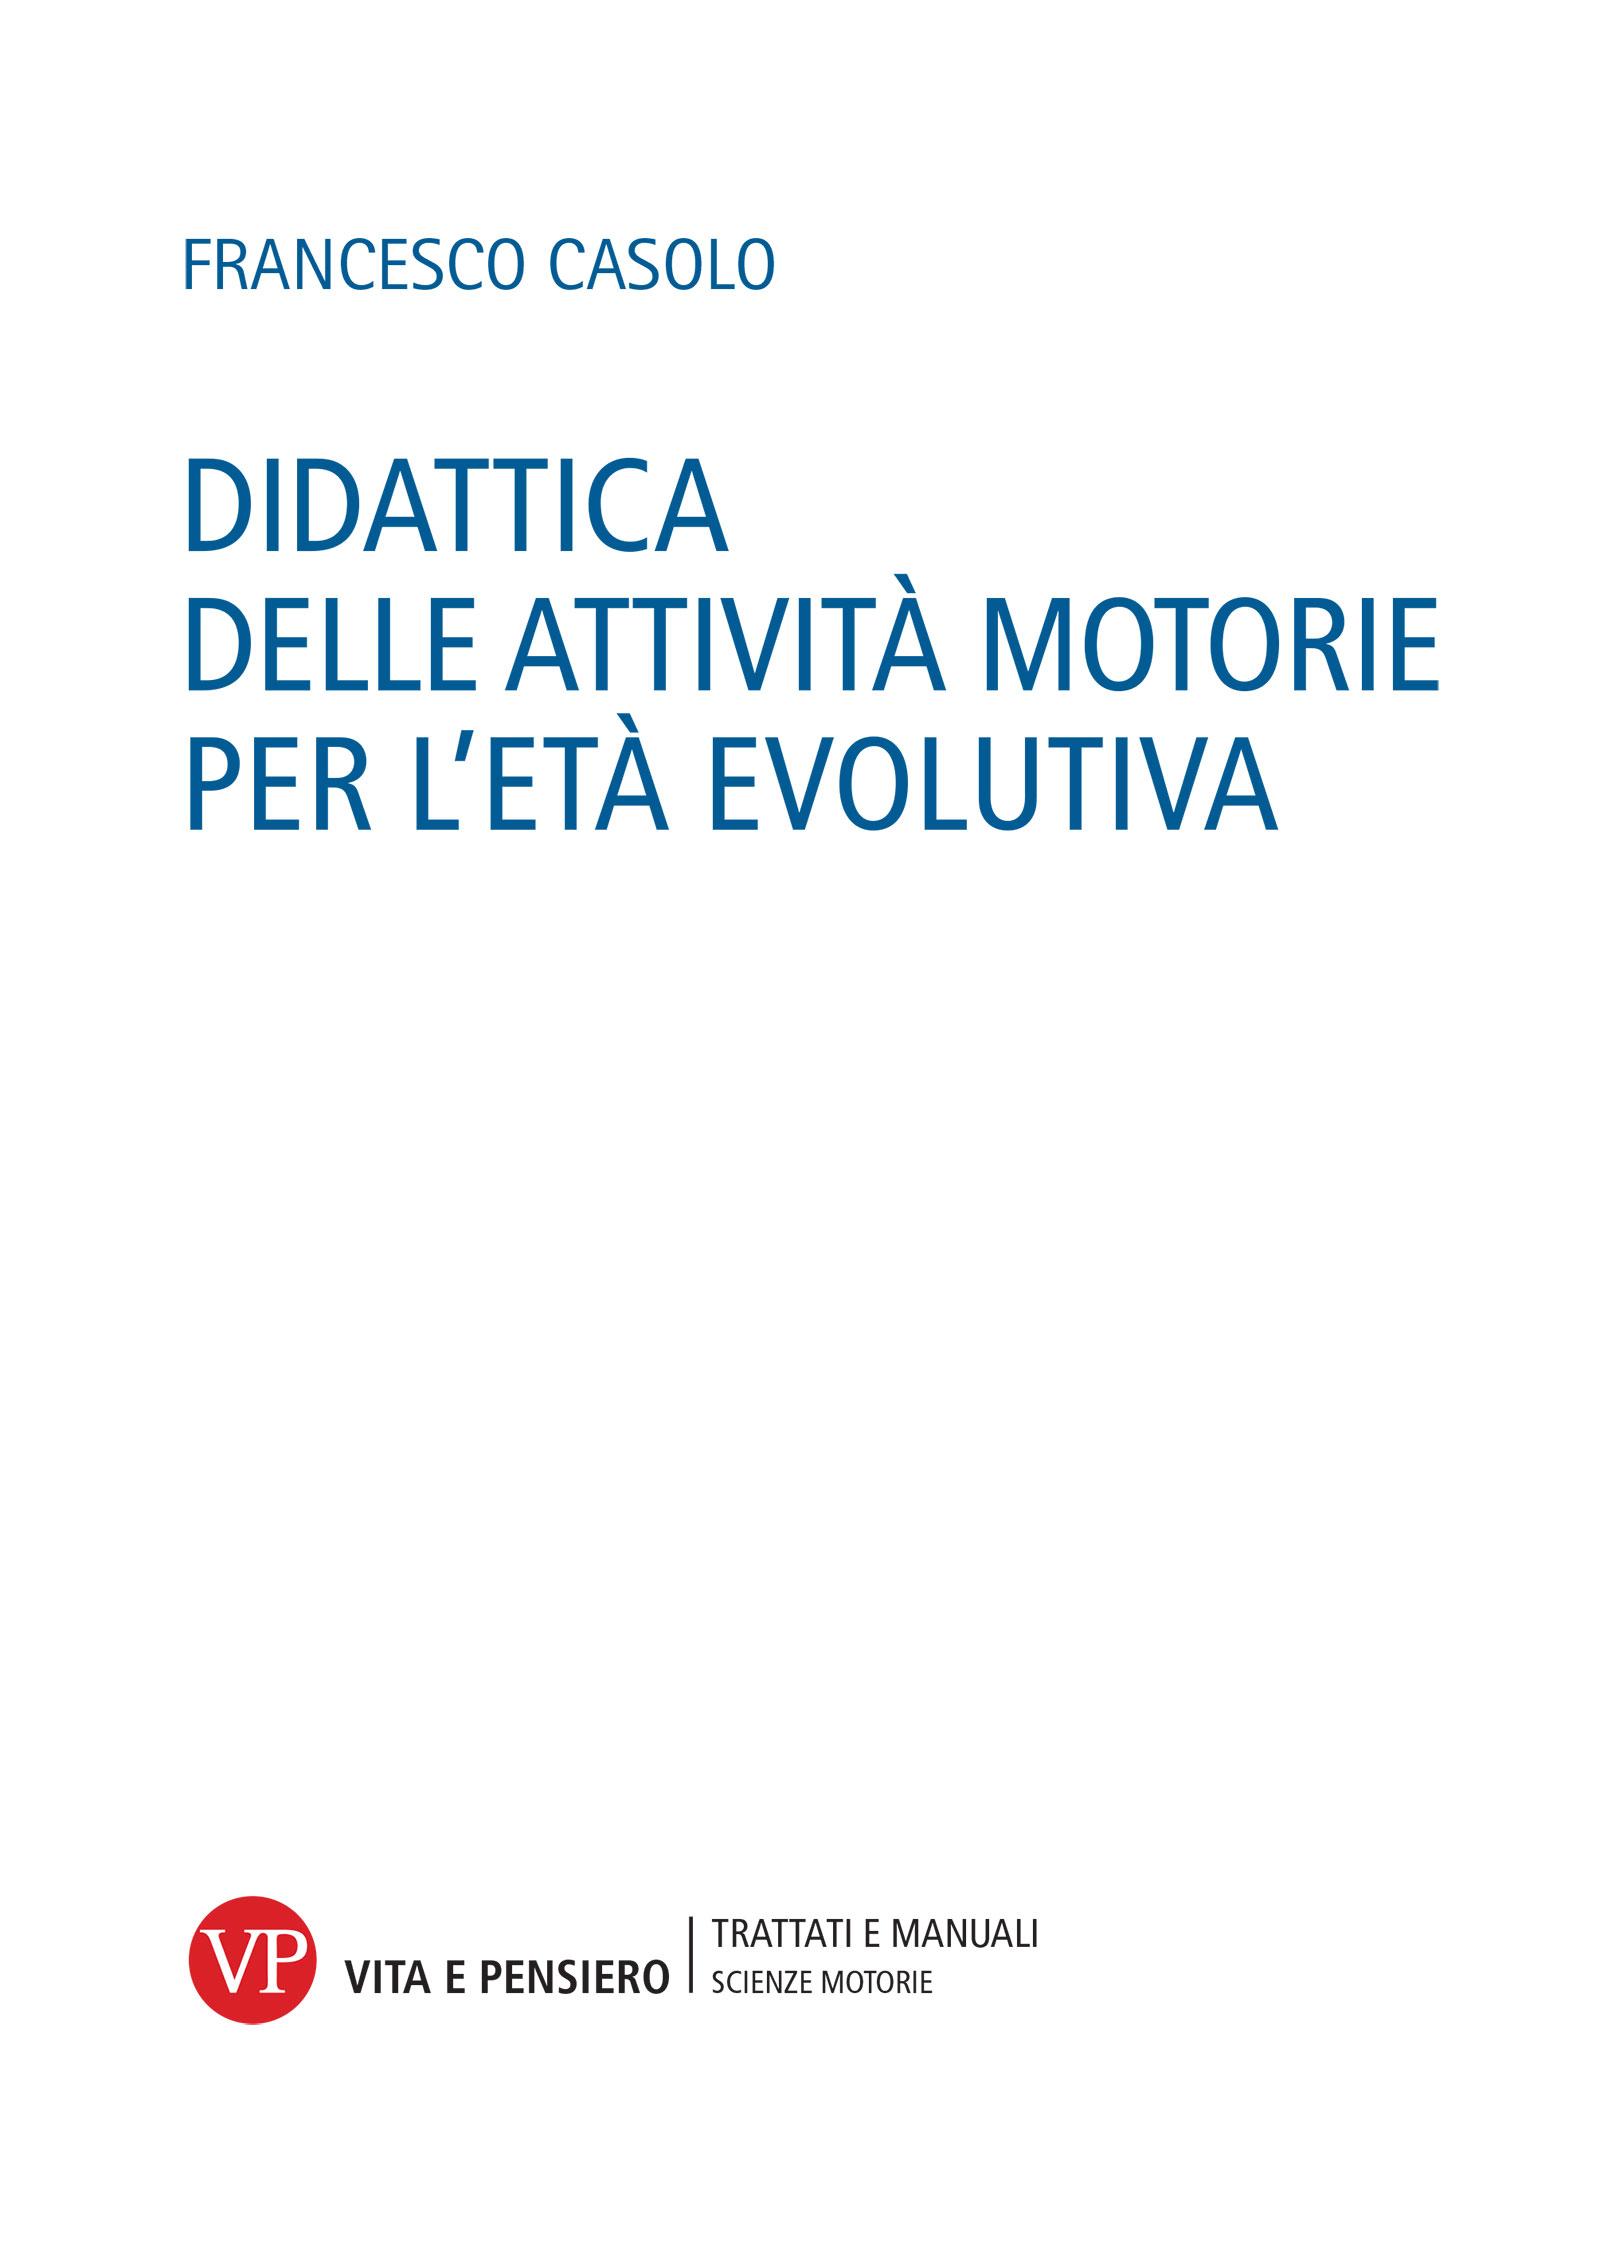 Didattica Delle Attivita Motorie Per L Eta Evolutiva Francesco Casolo Vita E Pensiero Libro Vita E Pensiero